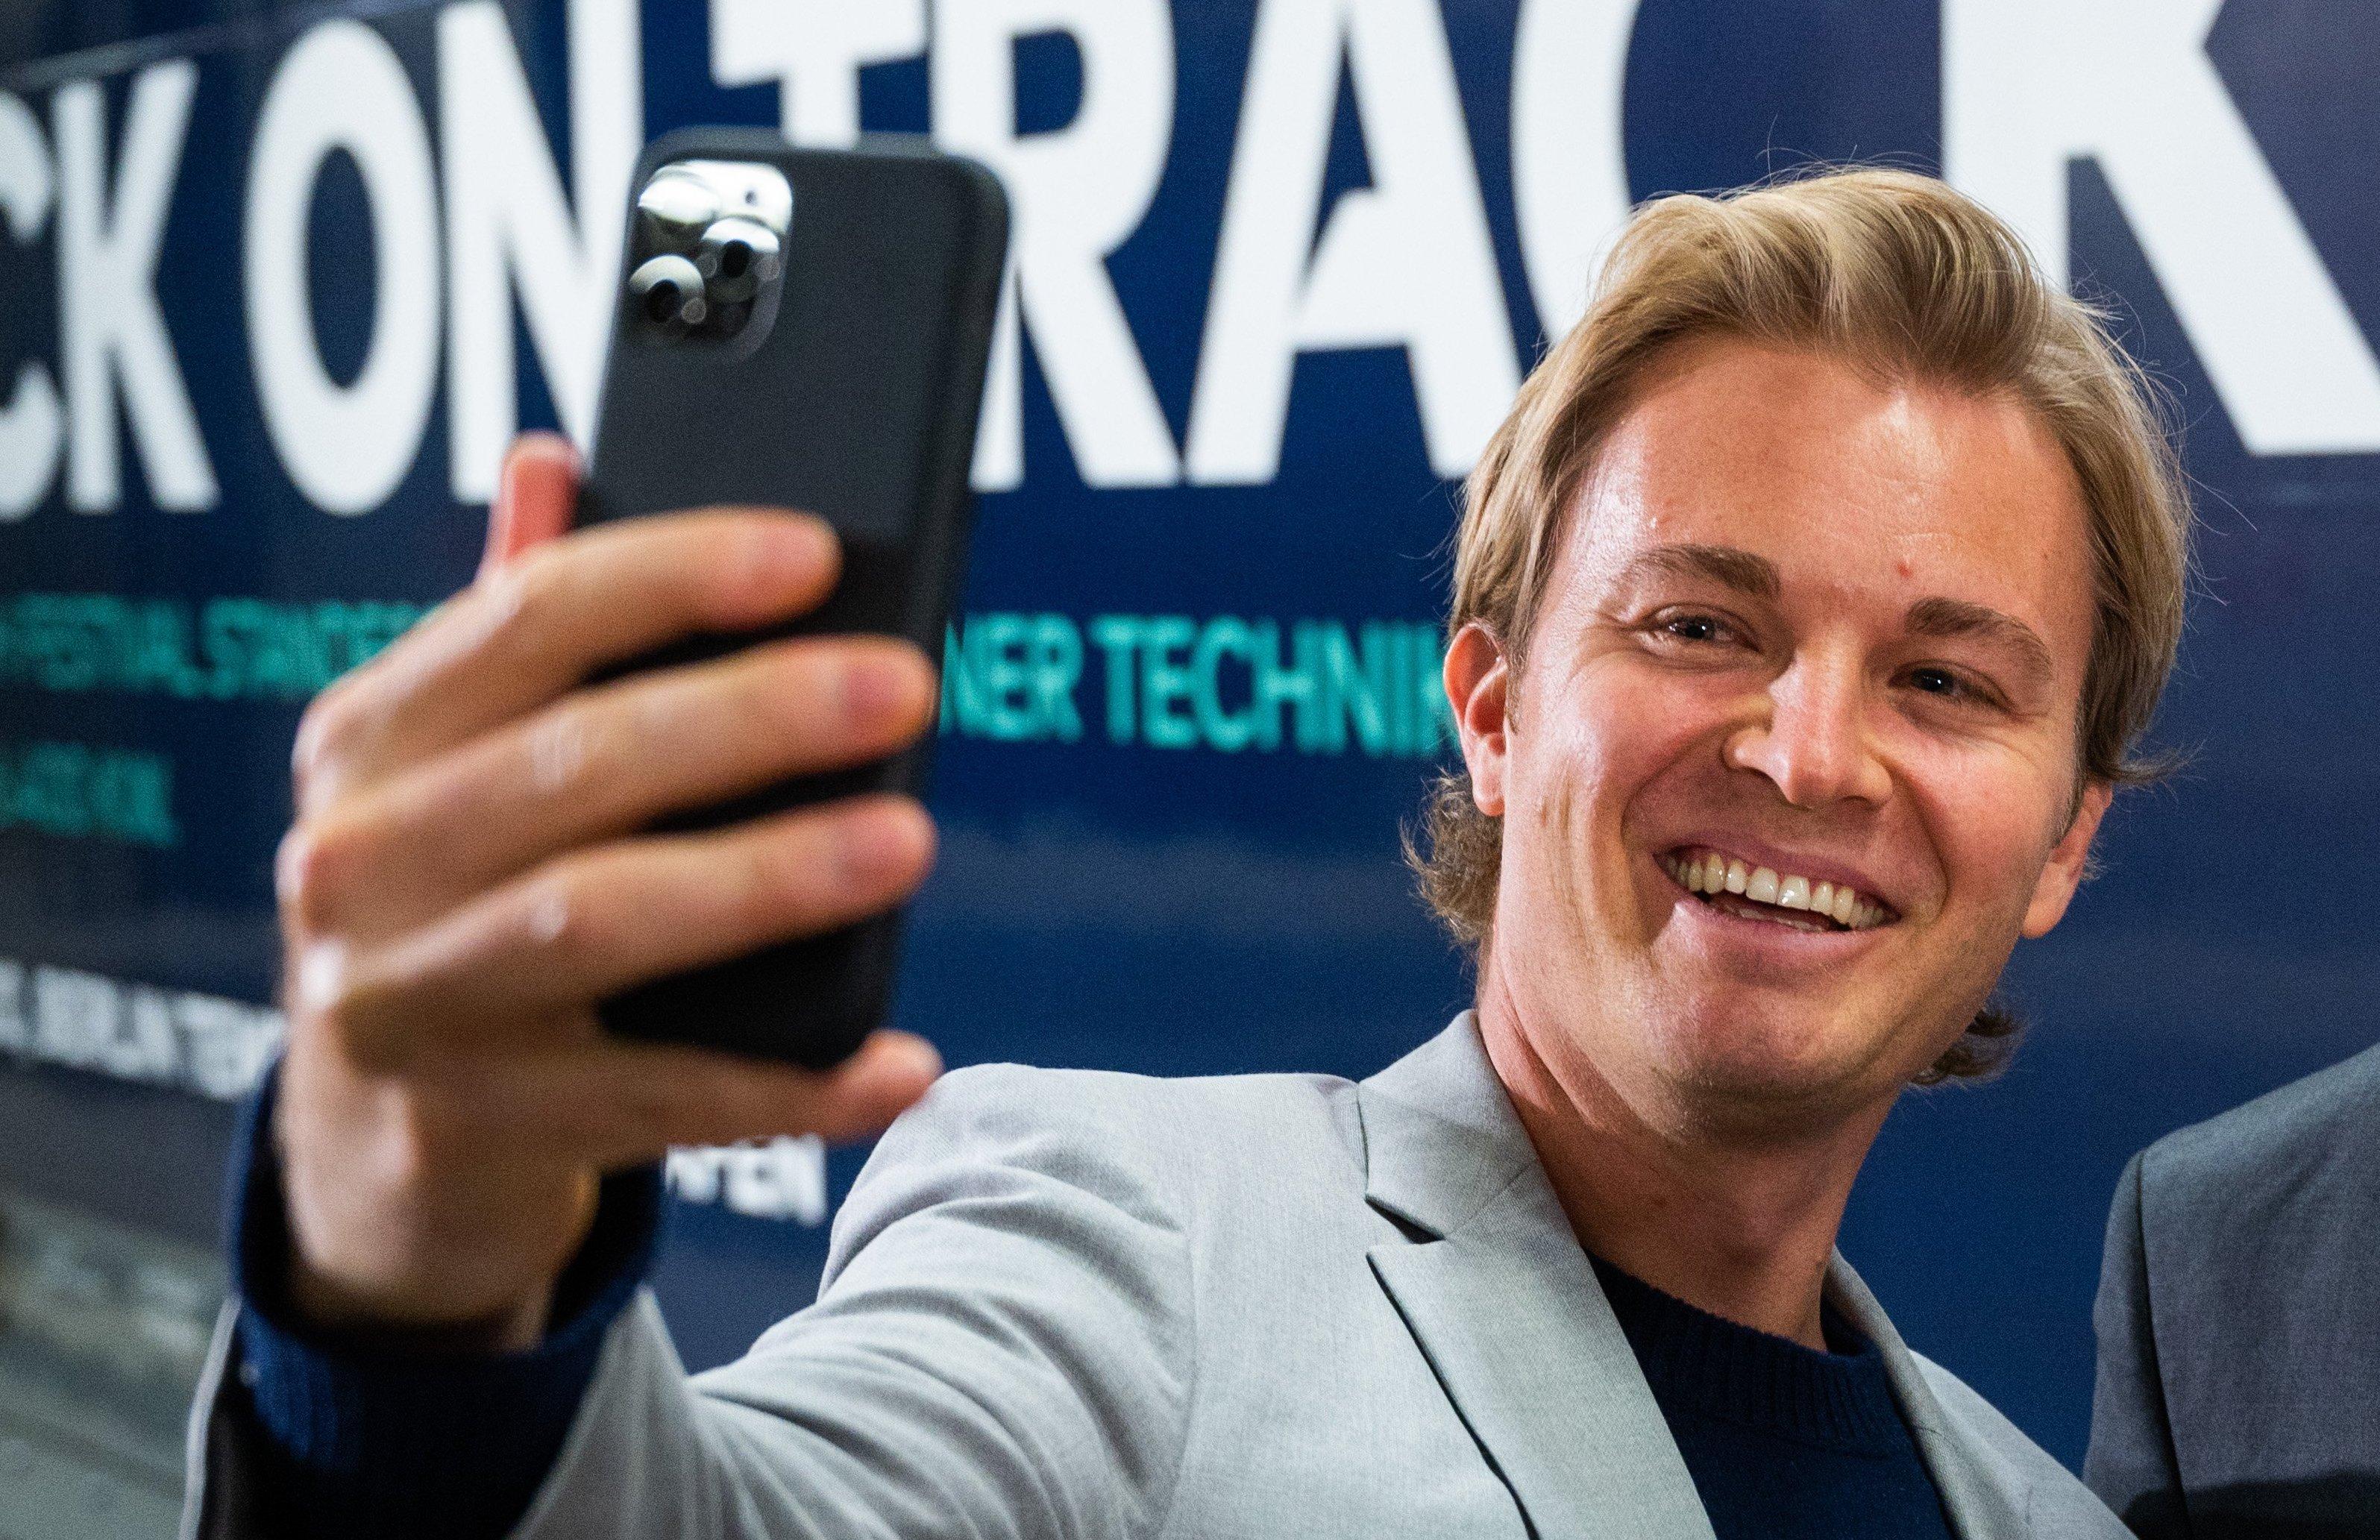 Nico Rosberg macht hier ein Selfie - Foto aus dem Januar, 2020.